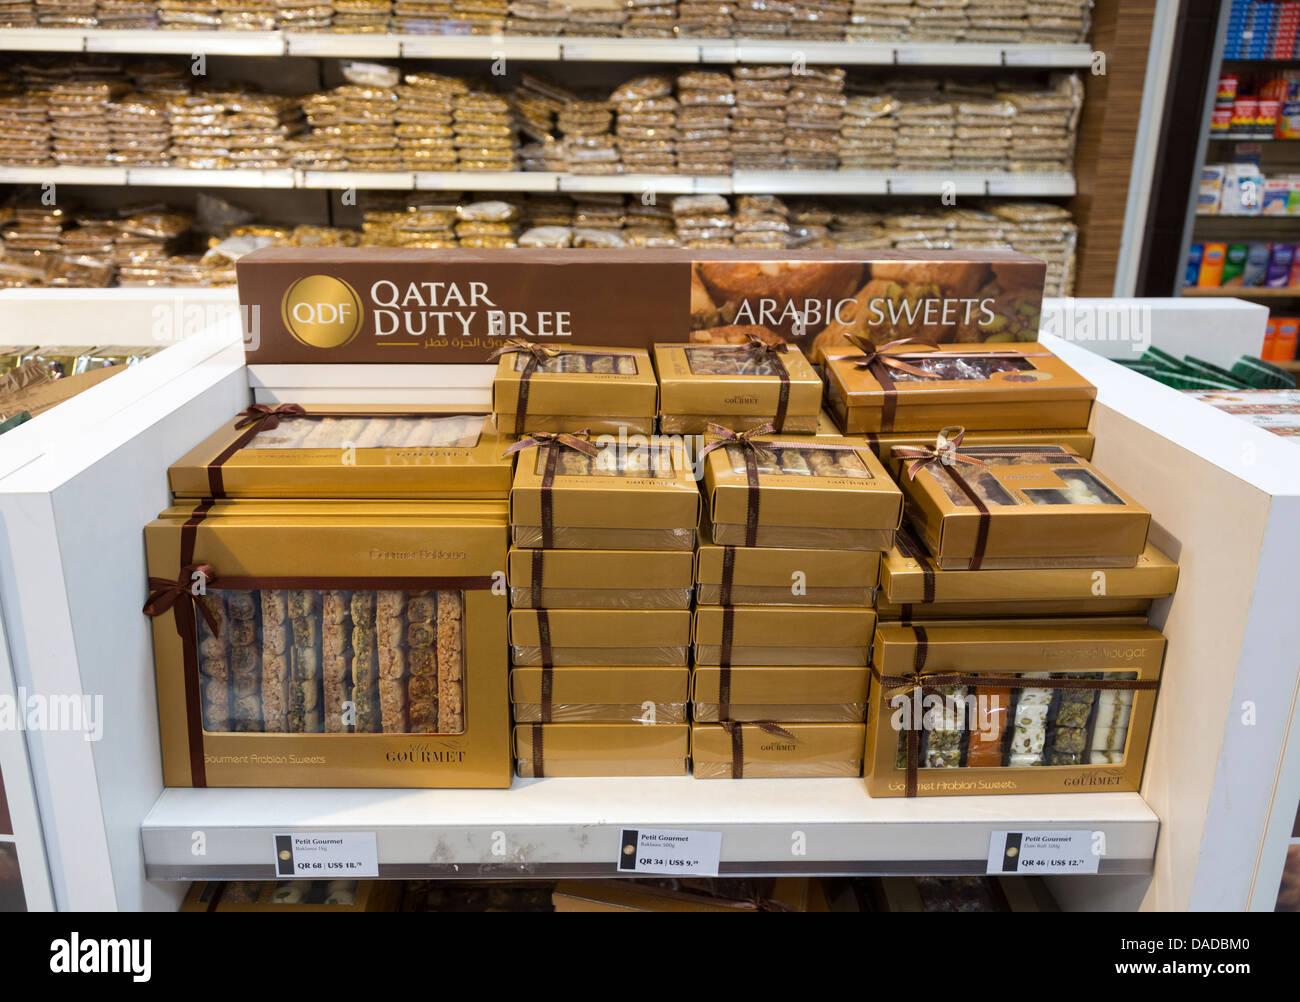 L'arabe à vendre des bonbons gourmet, boutiques, aéroport de Doha, Qatar Banque D'Images